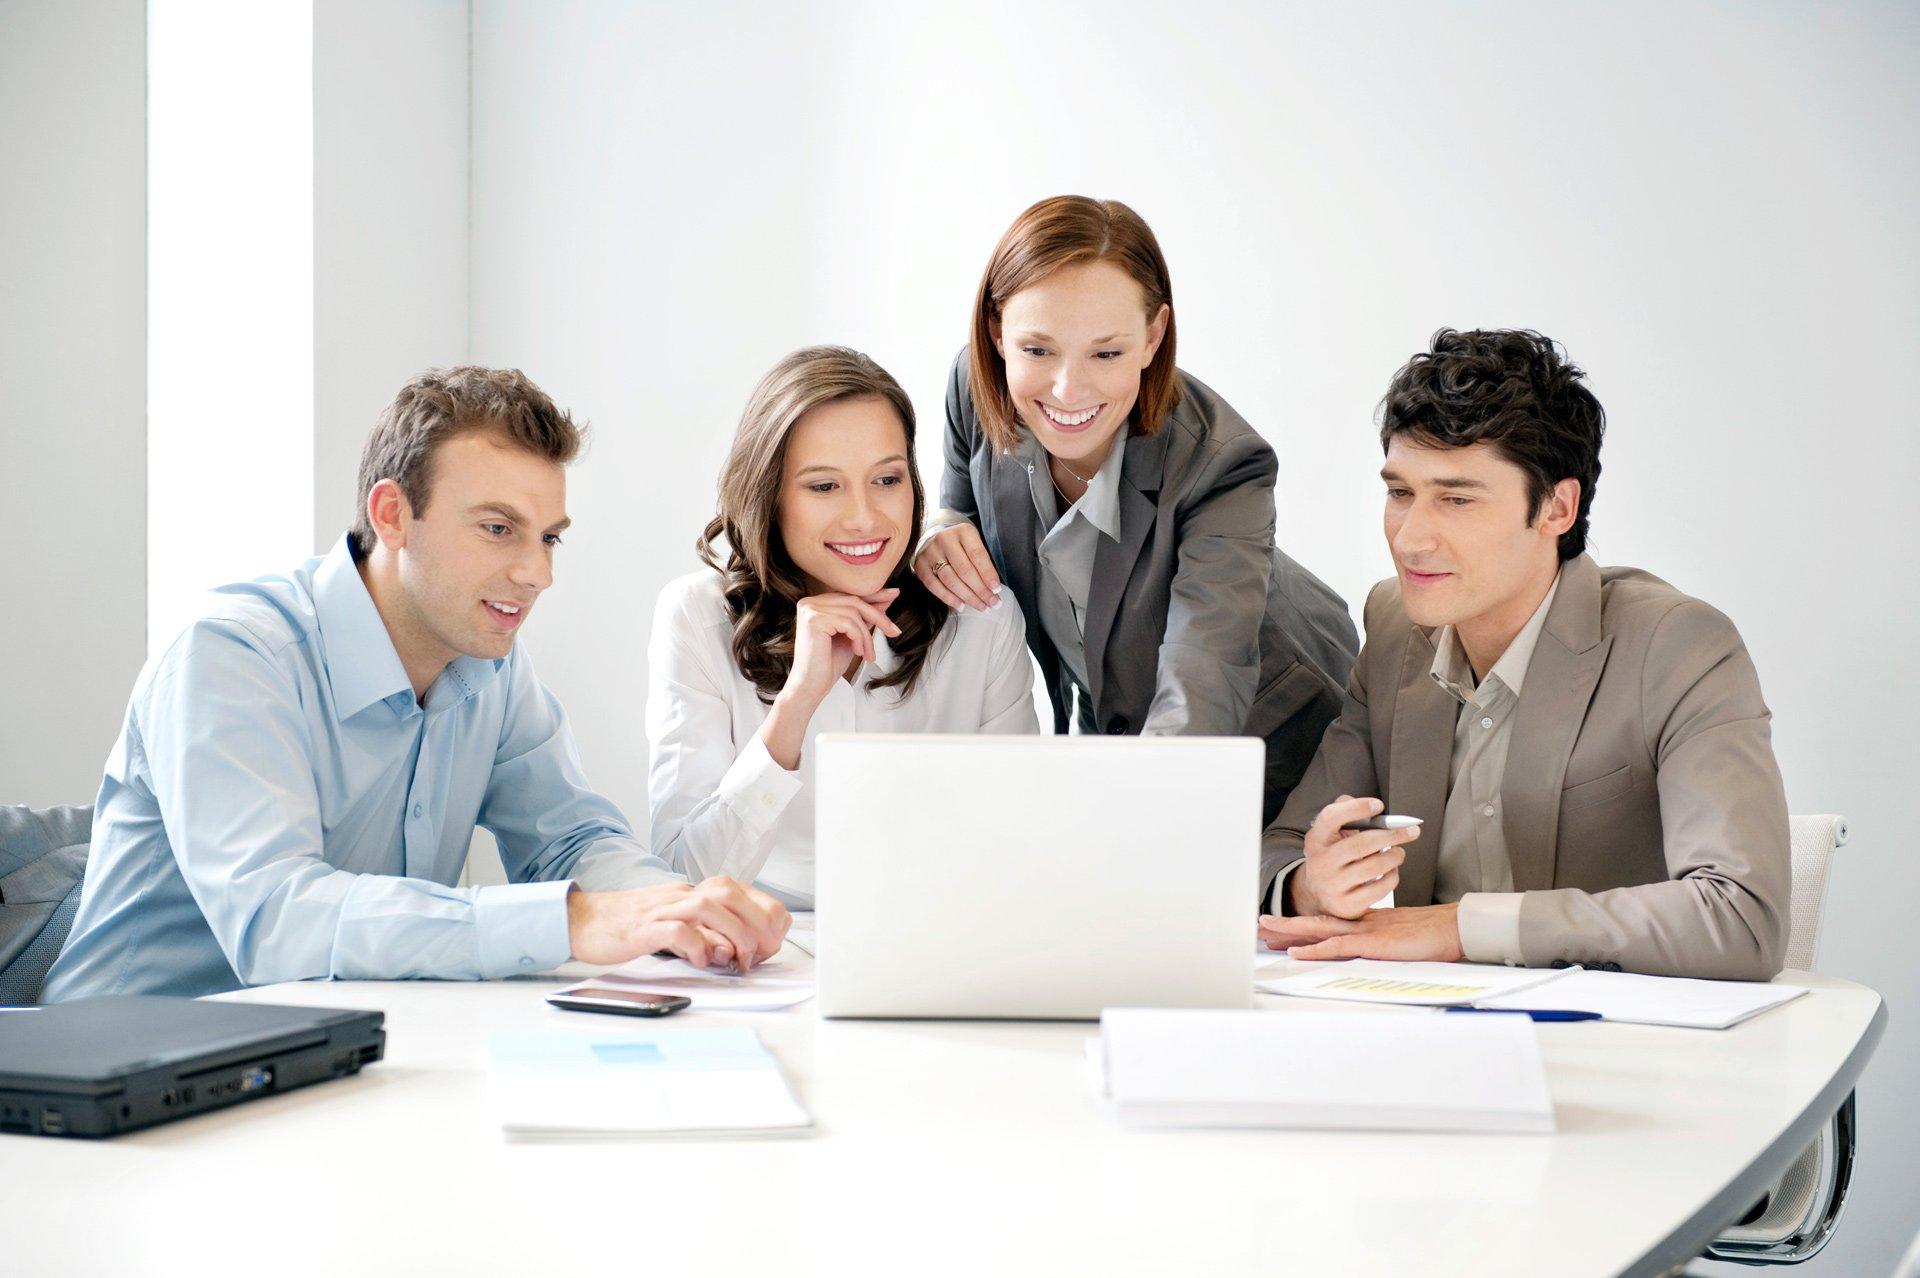 Imagenes De Personas Trabajando En Equipo: Los Servicios De Outsourcing Son La Mayor Fuente De